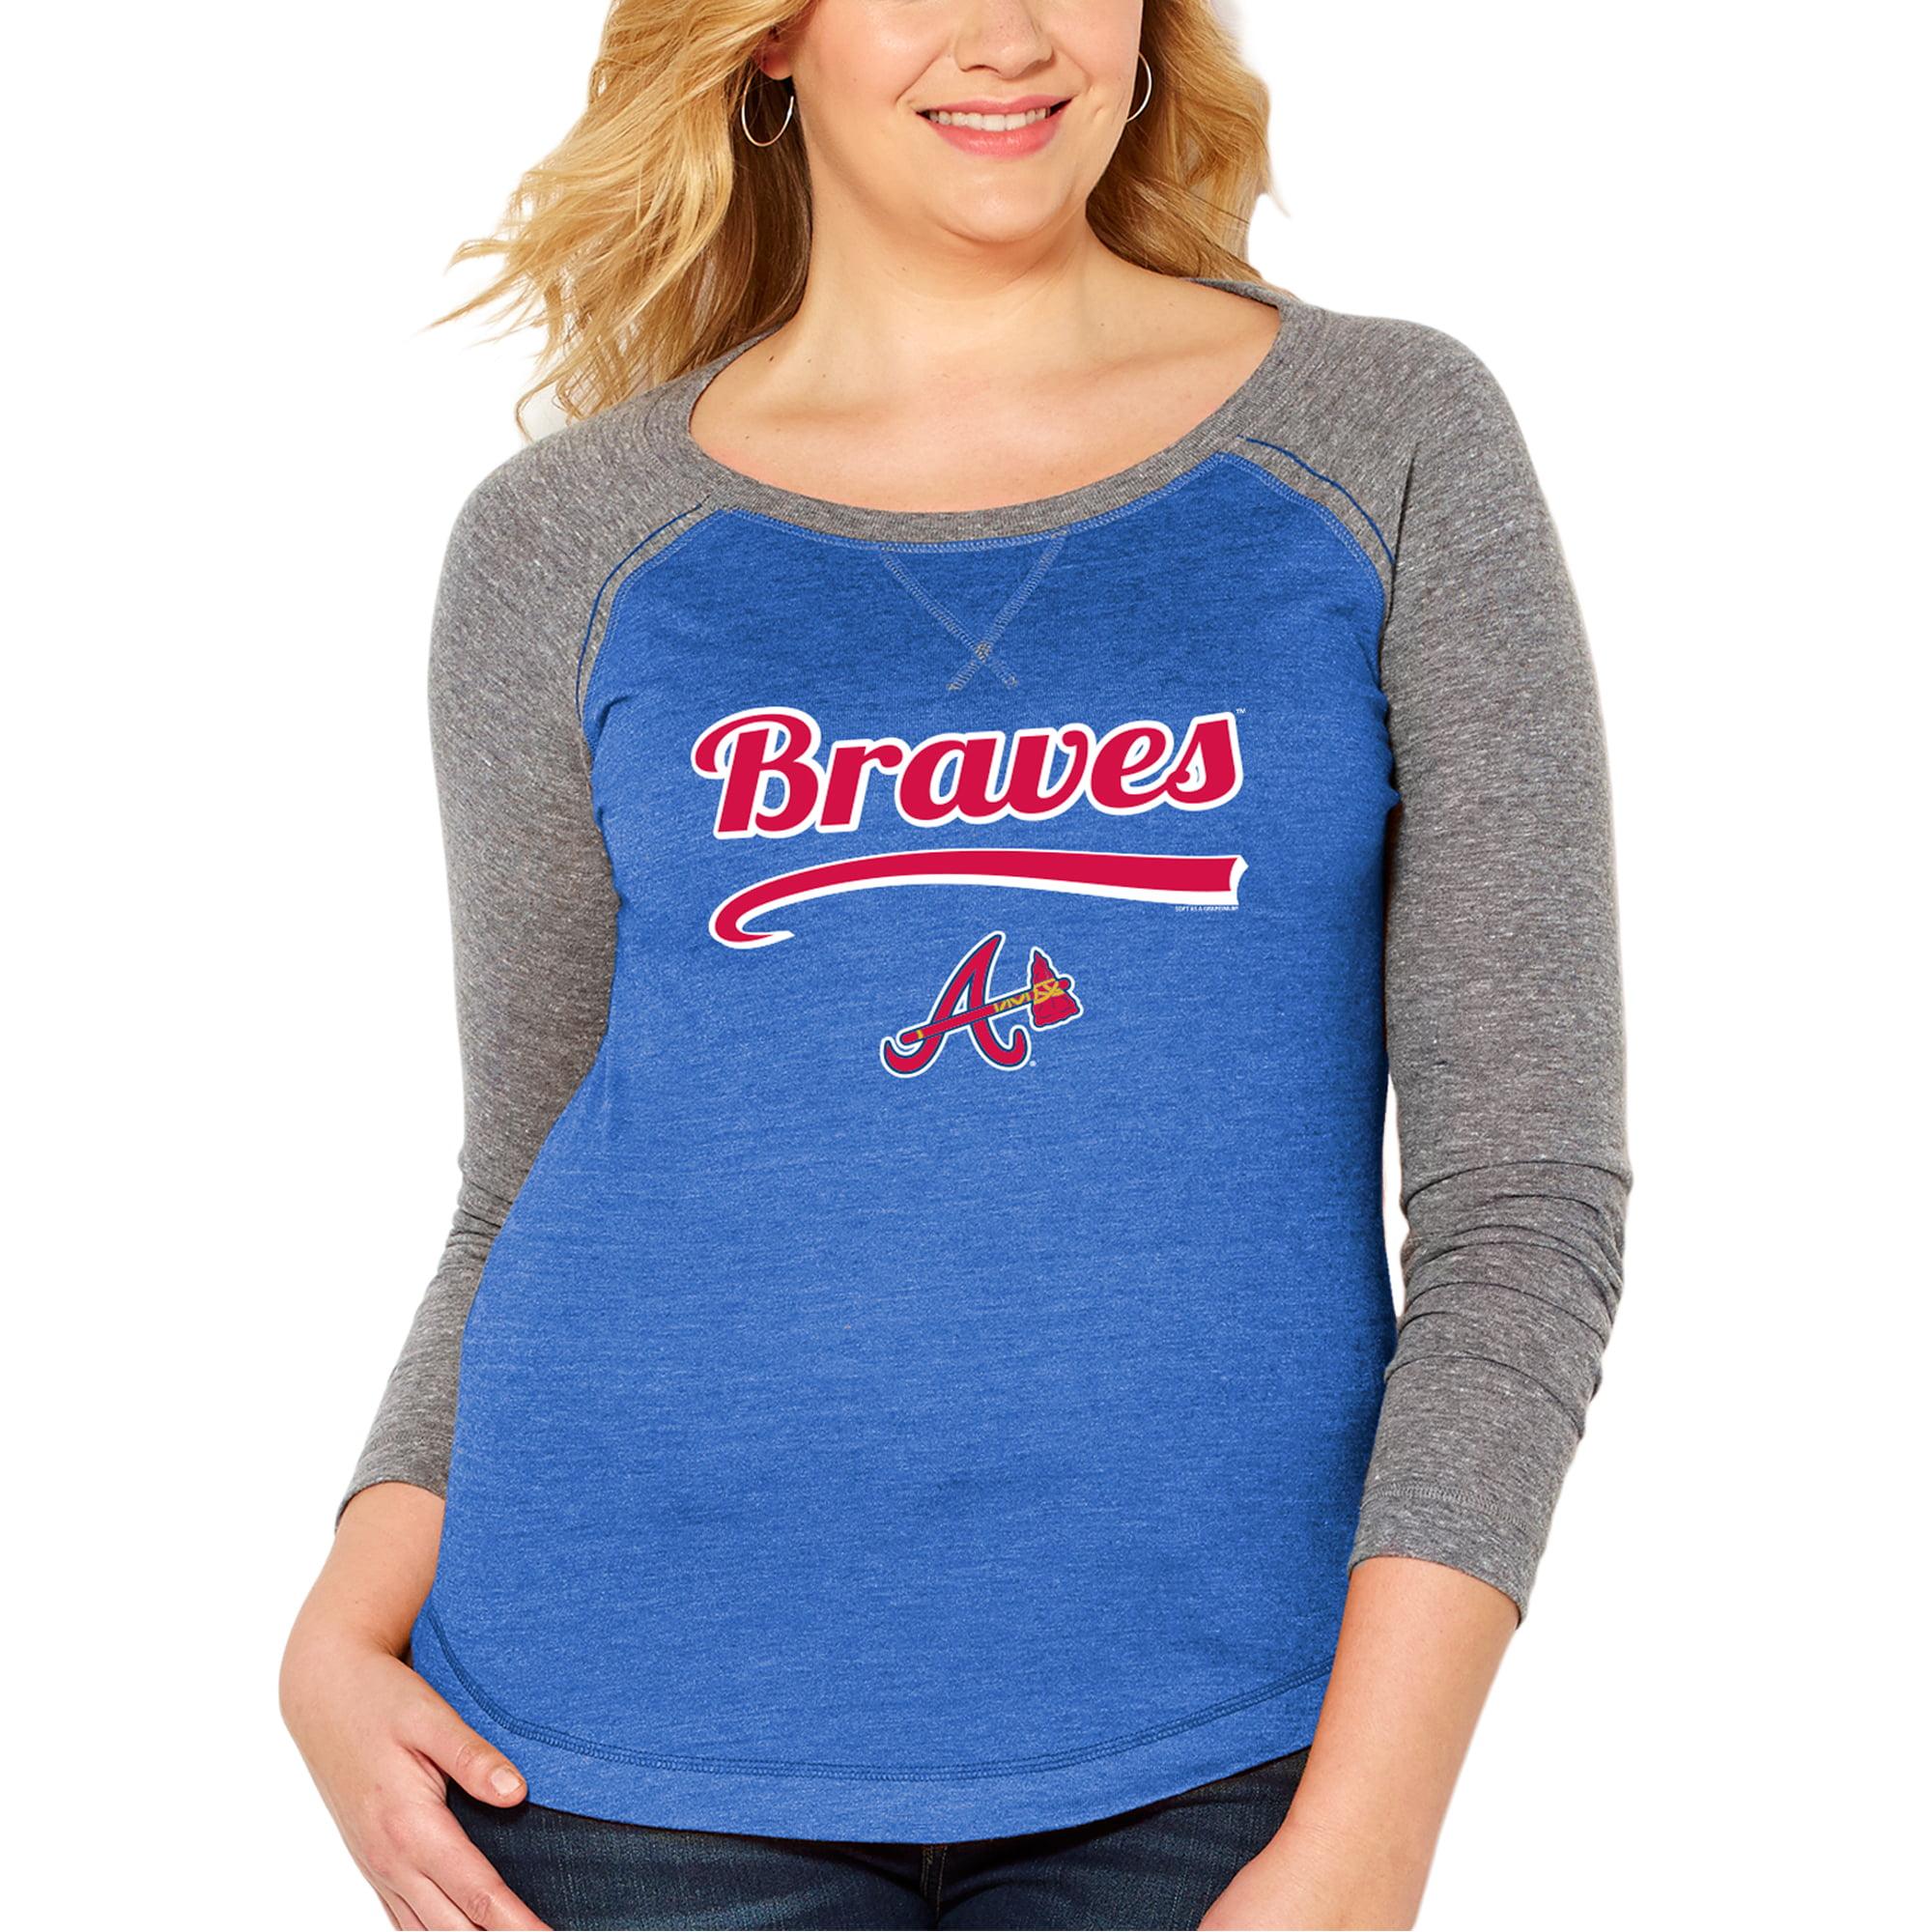 Atlanta Braves Soft as a Grape Women's Plus Size Long Sleeve Raglan T-Shirt - Heather Royal